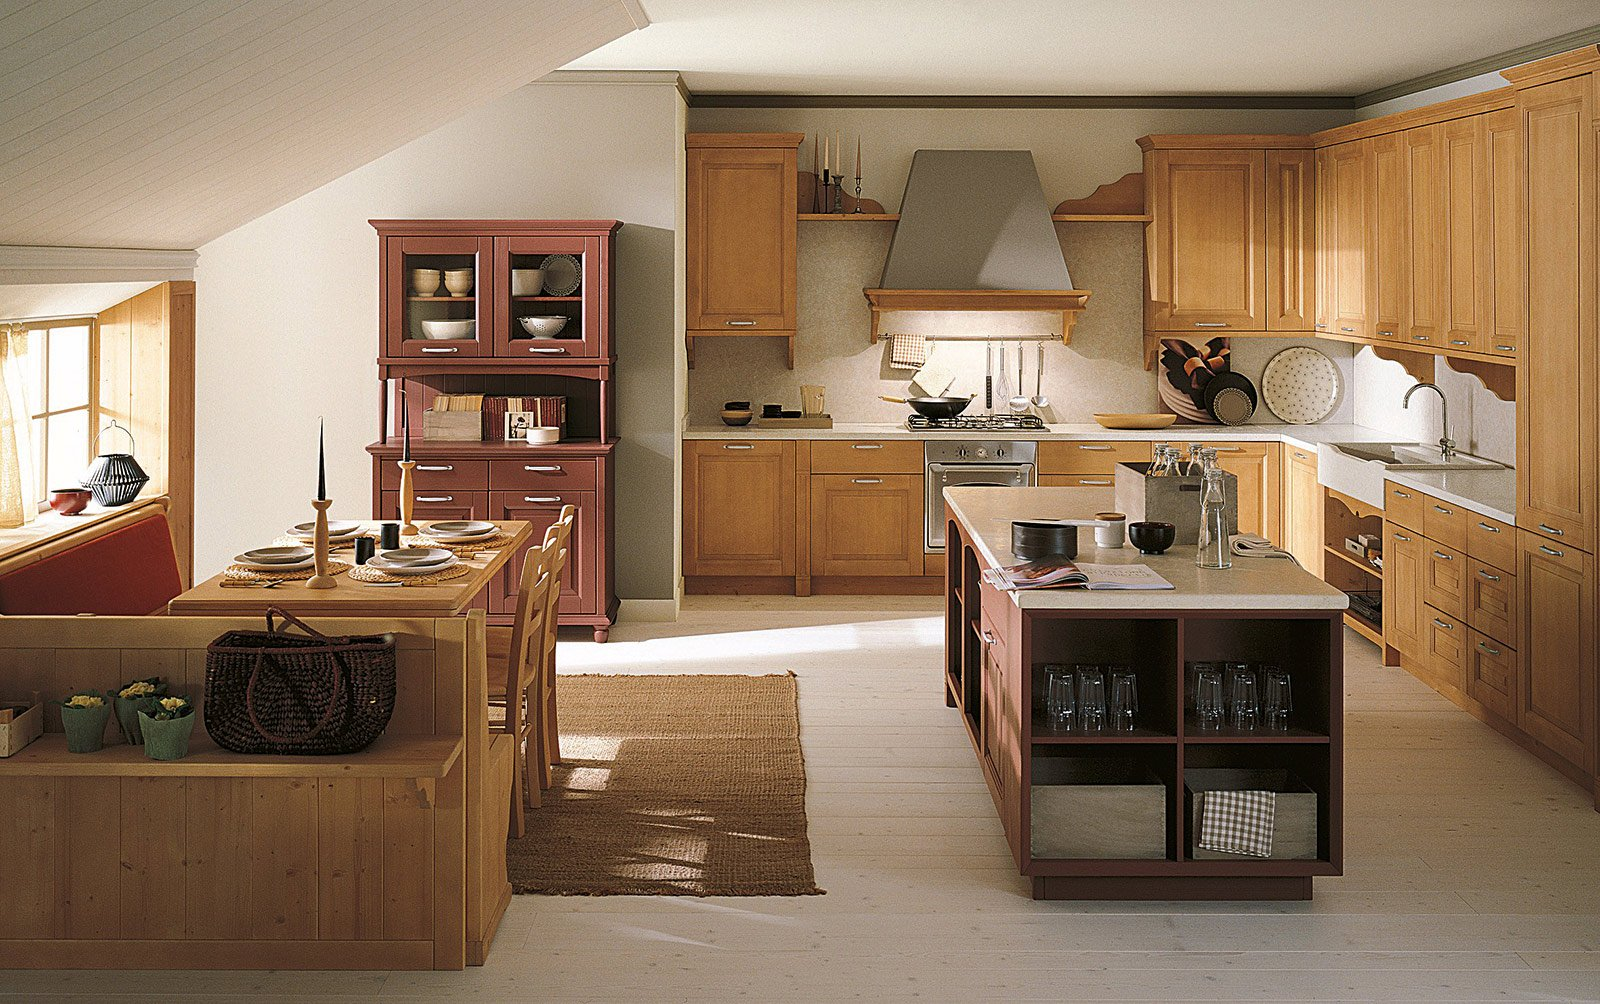 Cucine country: stile tradizionale o new classic - Cose di Casa